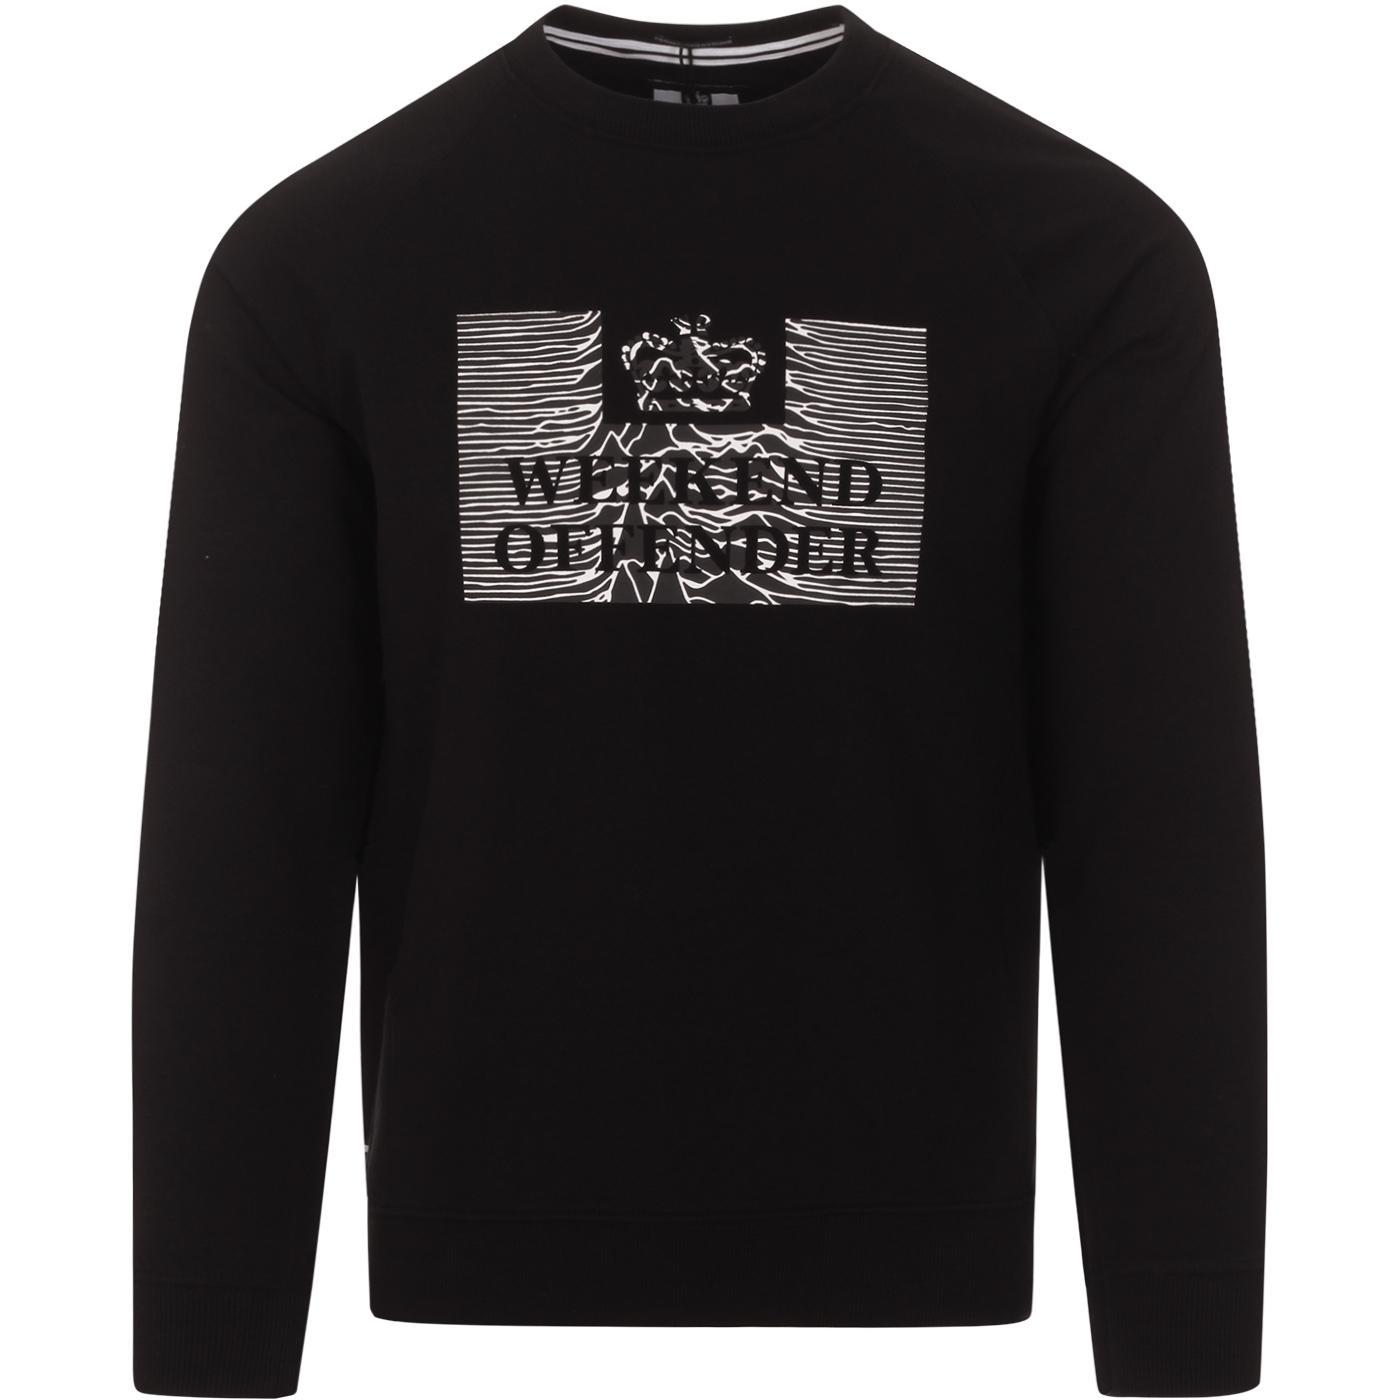 Unknown Pleasures WEEKEND OFFENDER Sweatshirt